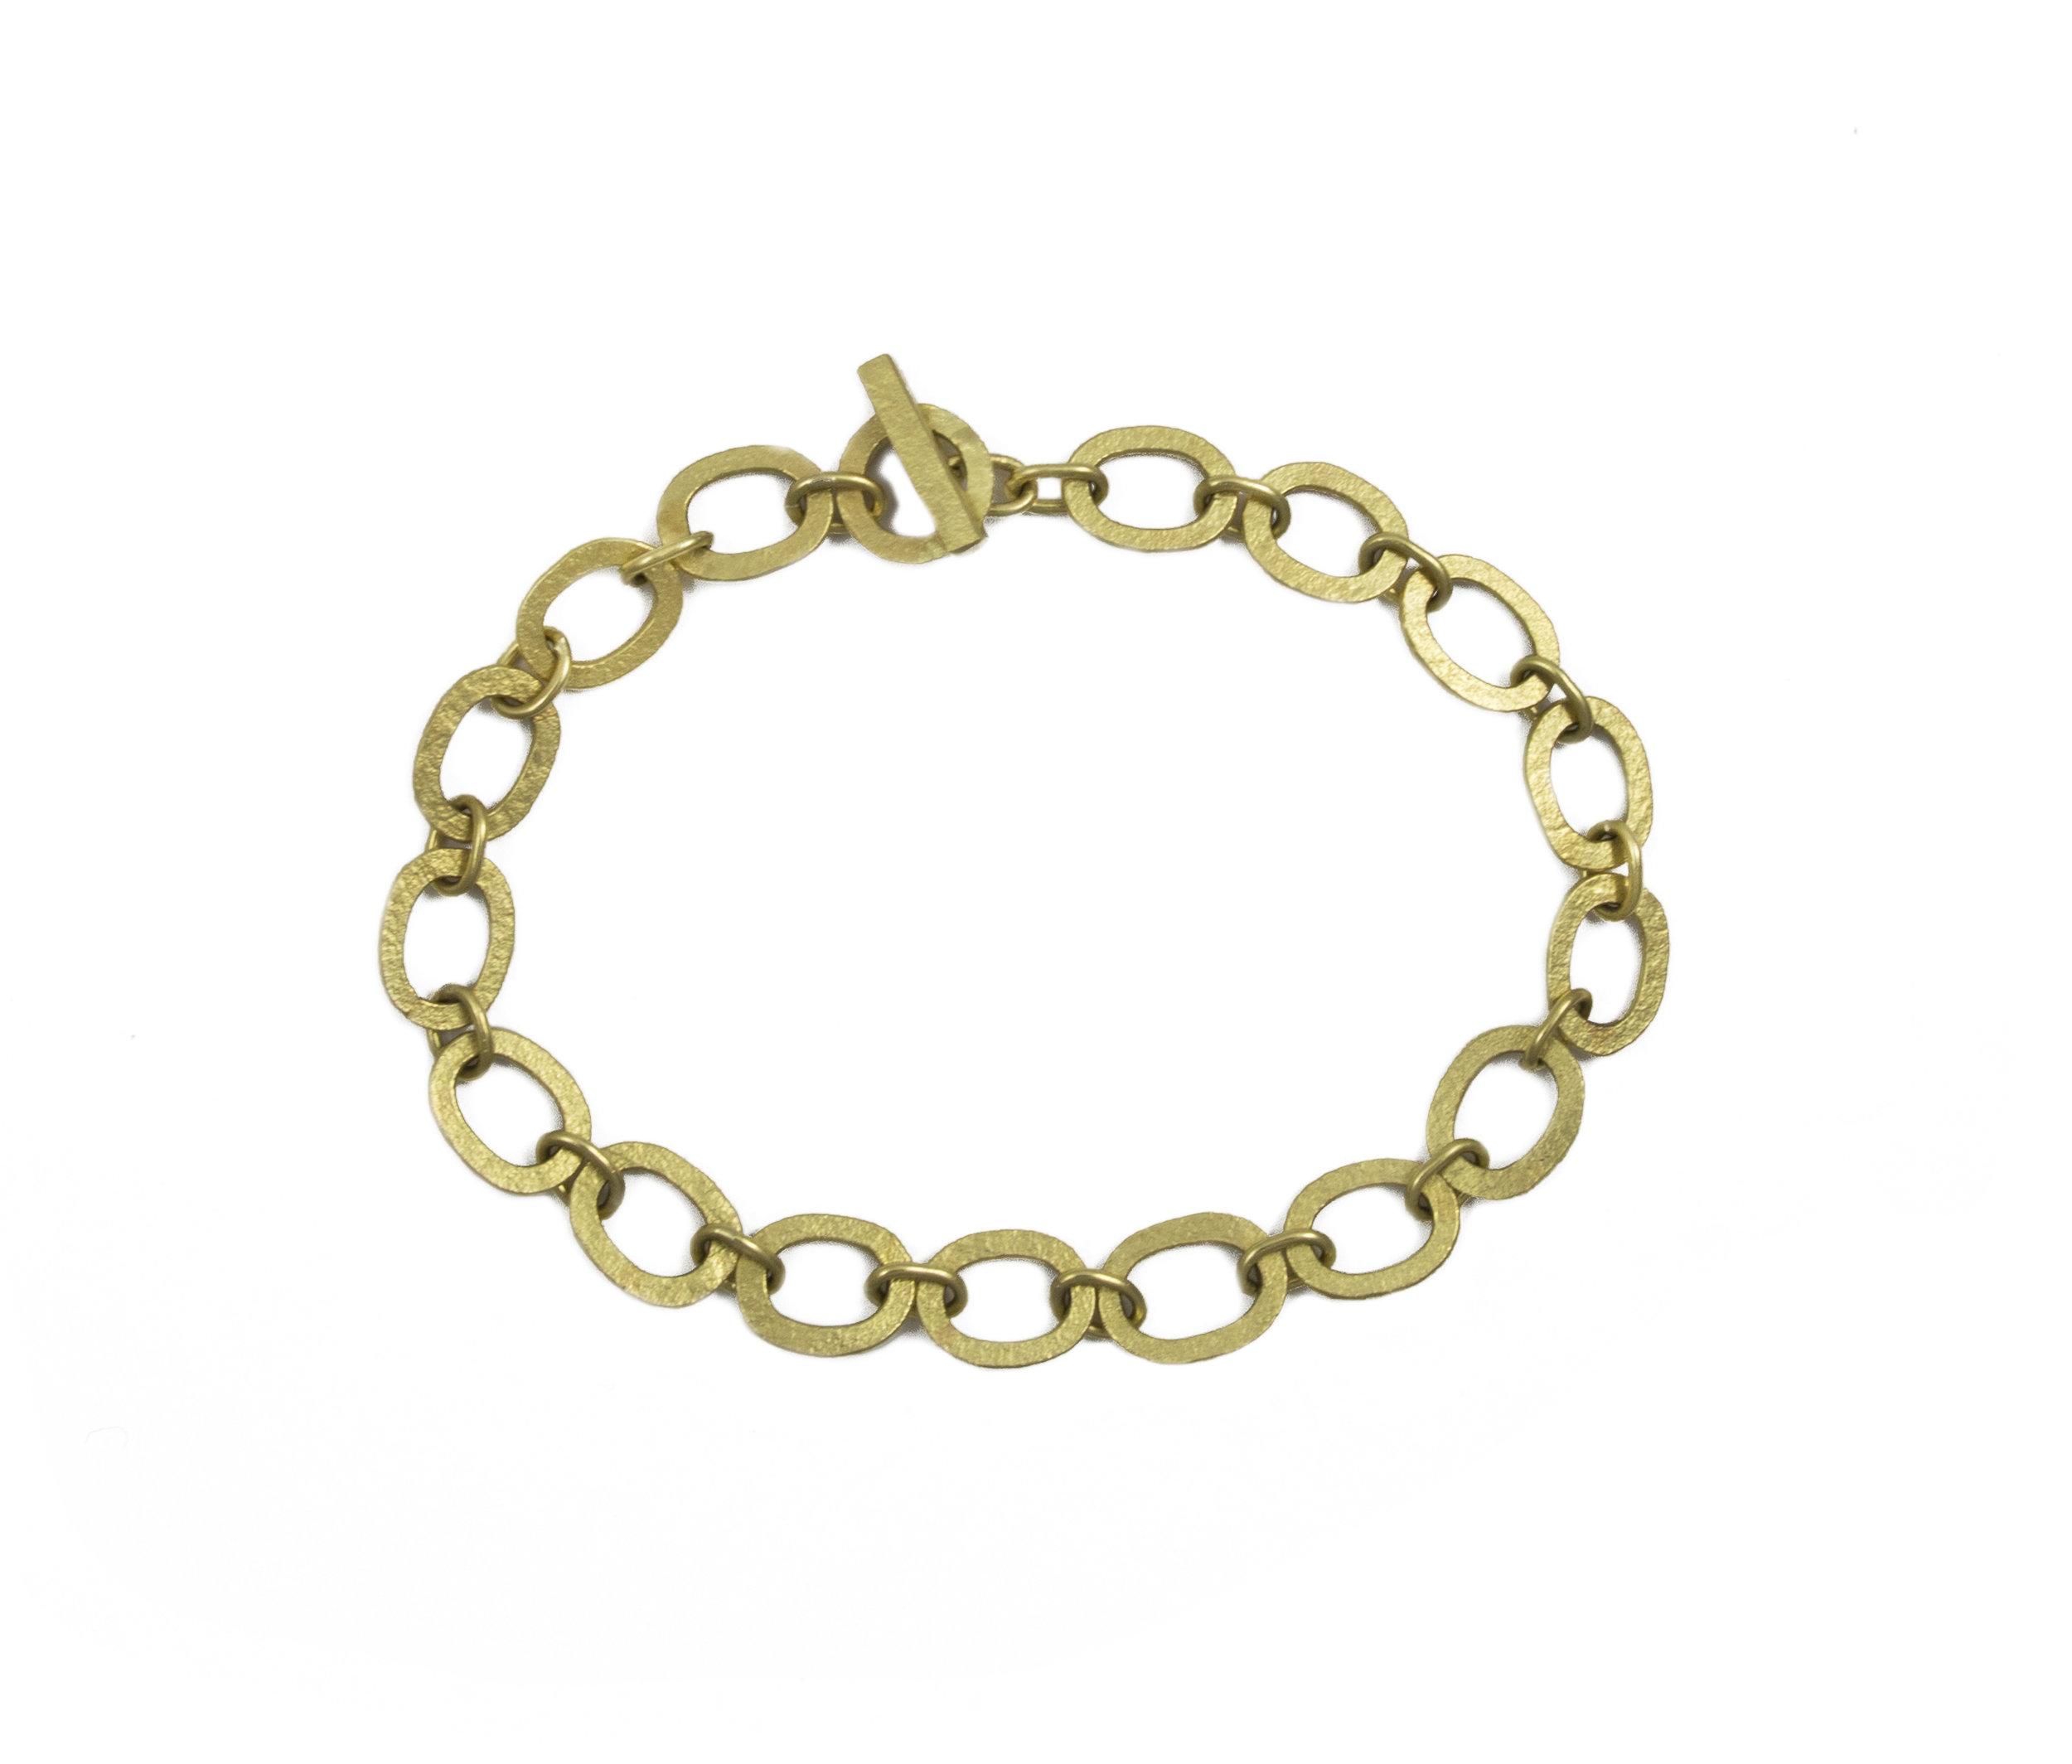 handmadechain-bracelet.jpg